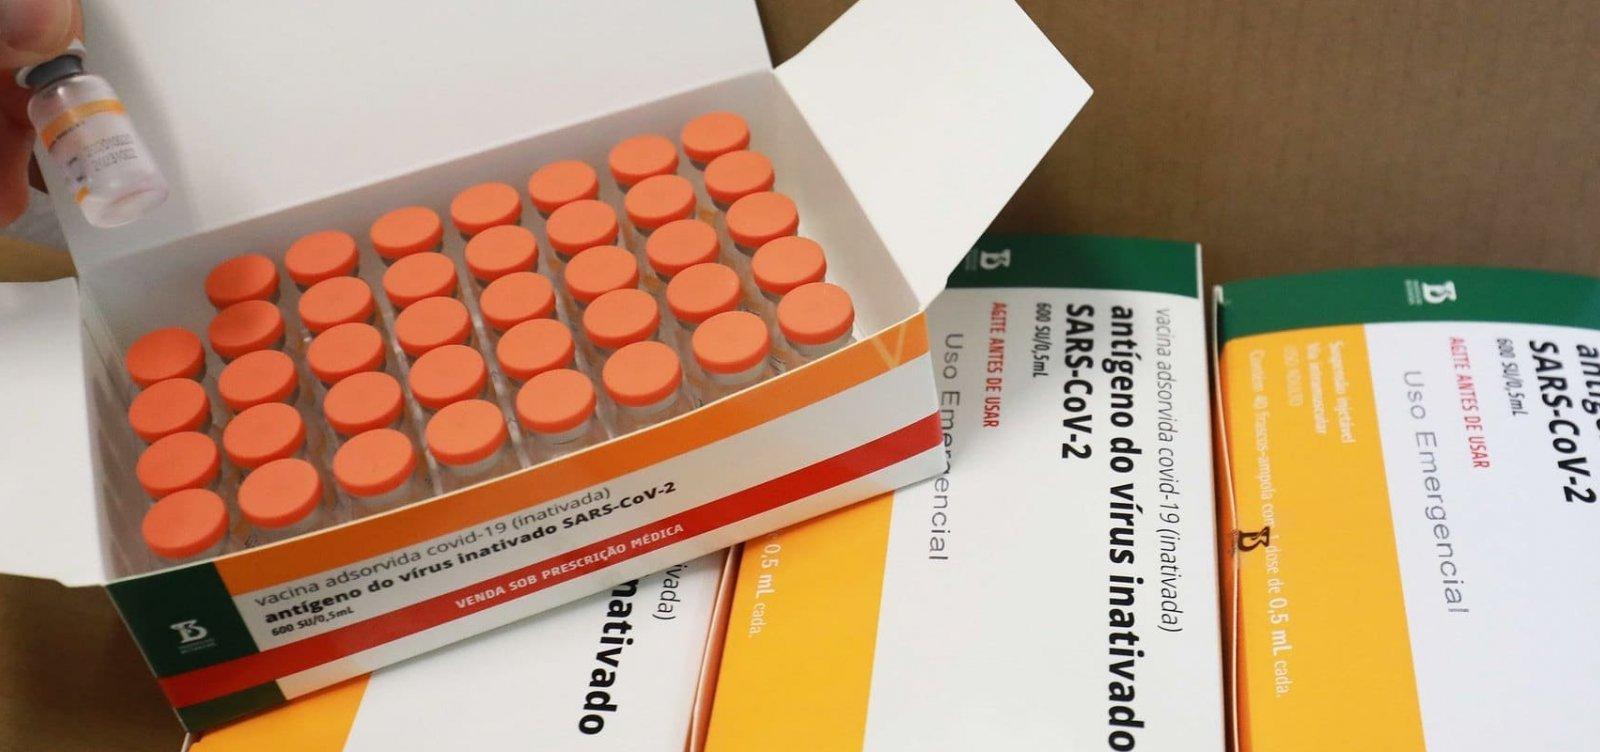 [Sem insumos, Butantan interrompe produção de vacinas contra Covid-19]